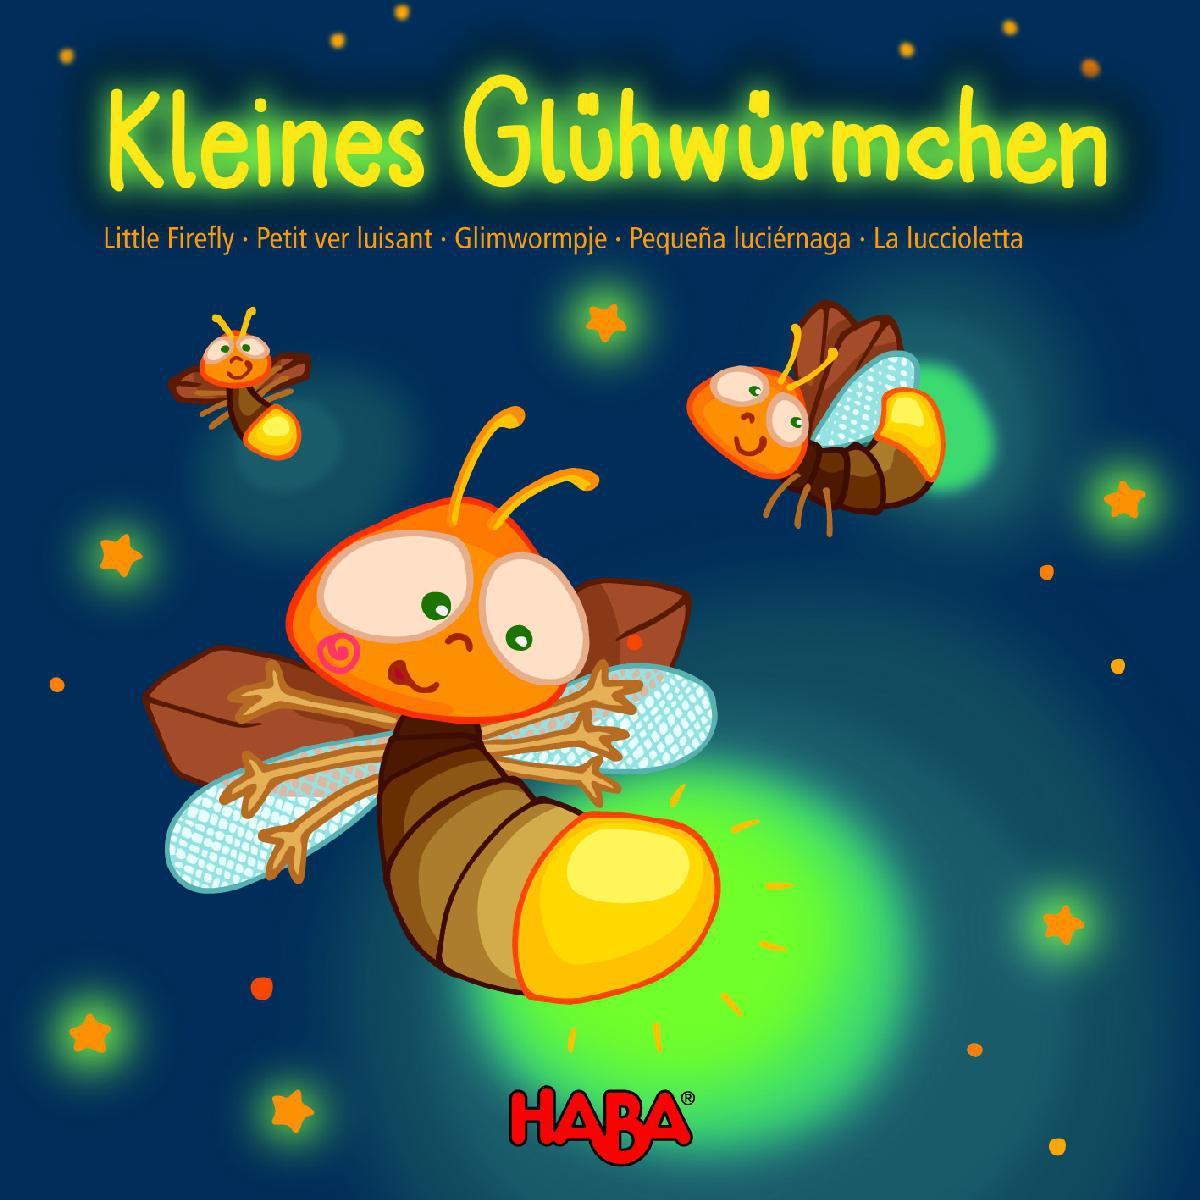 Groß Glühwürmchen 30cxi Manuell Galerie - Elektrische Schaltplan ...